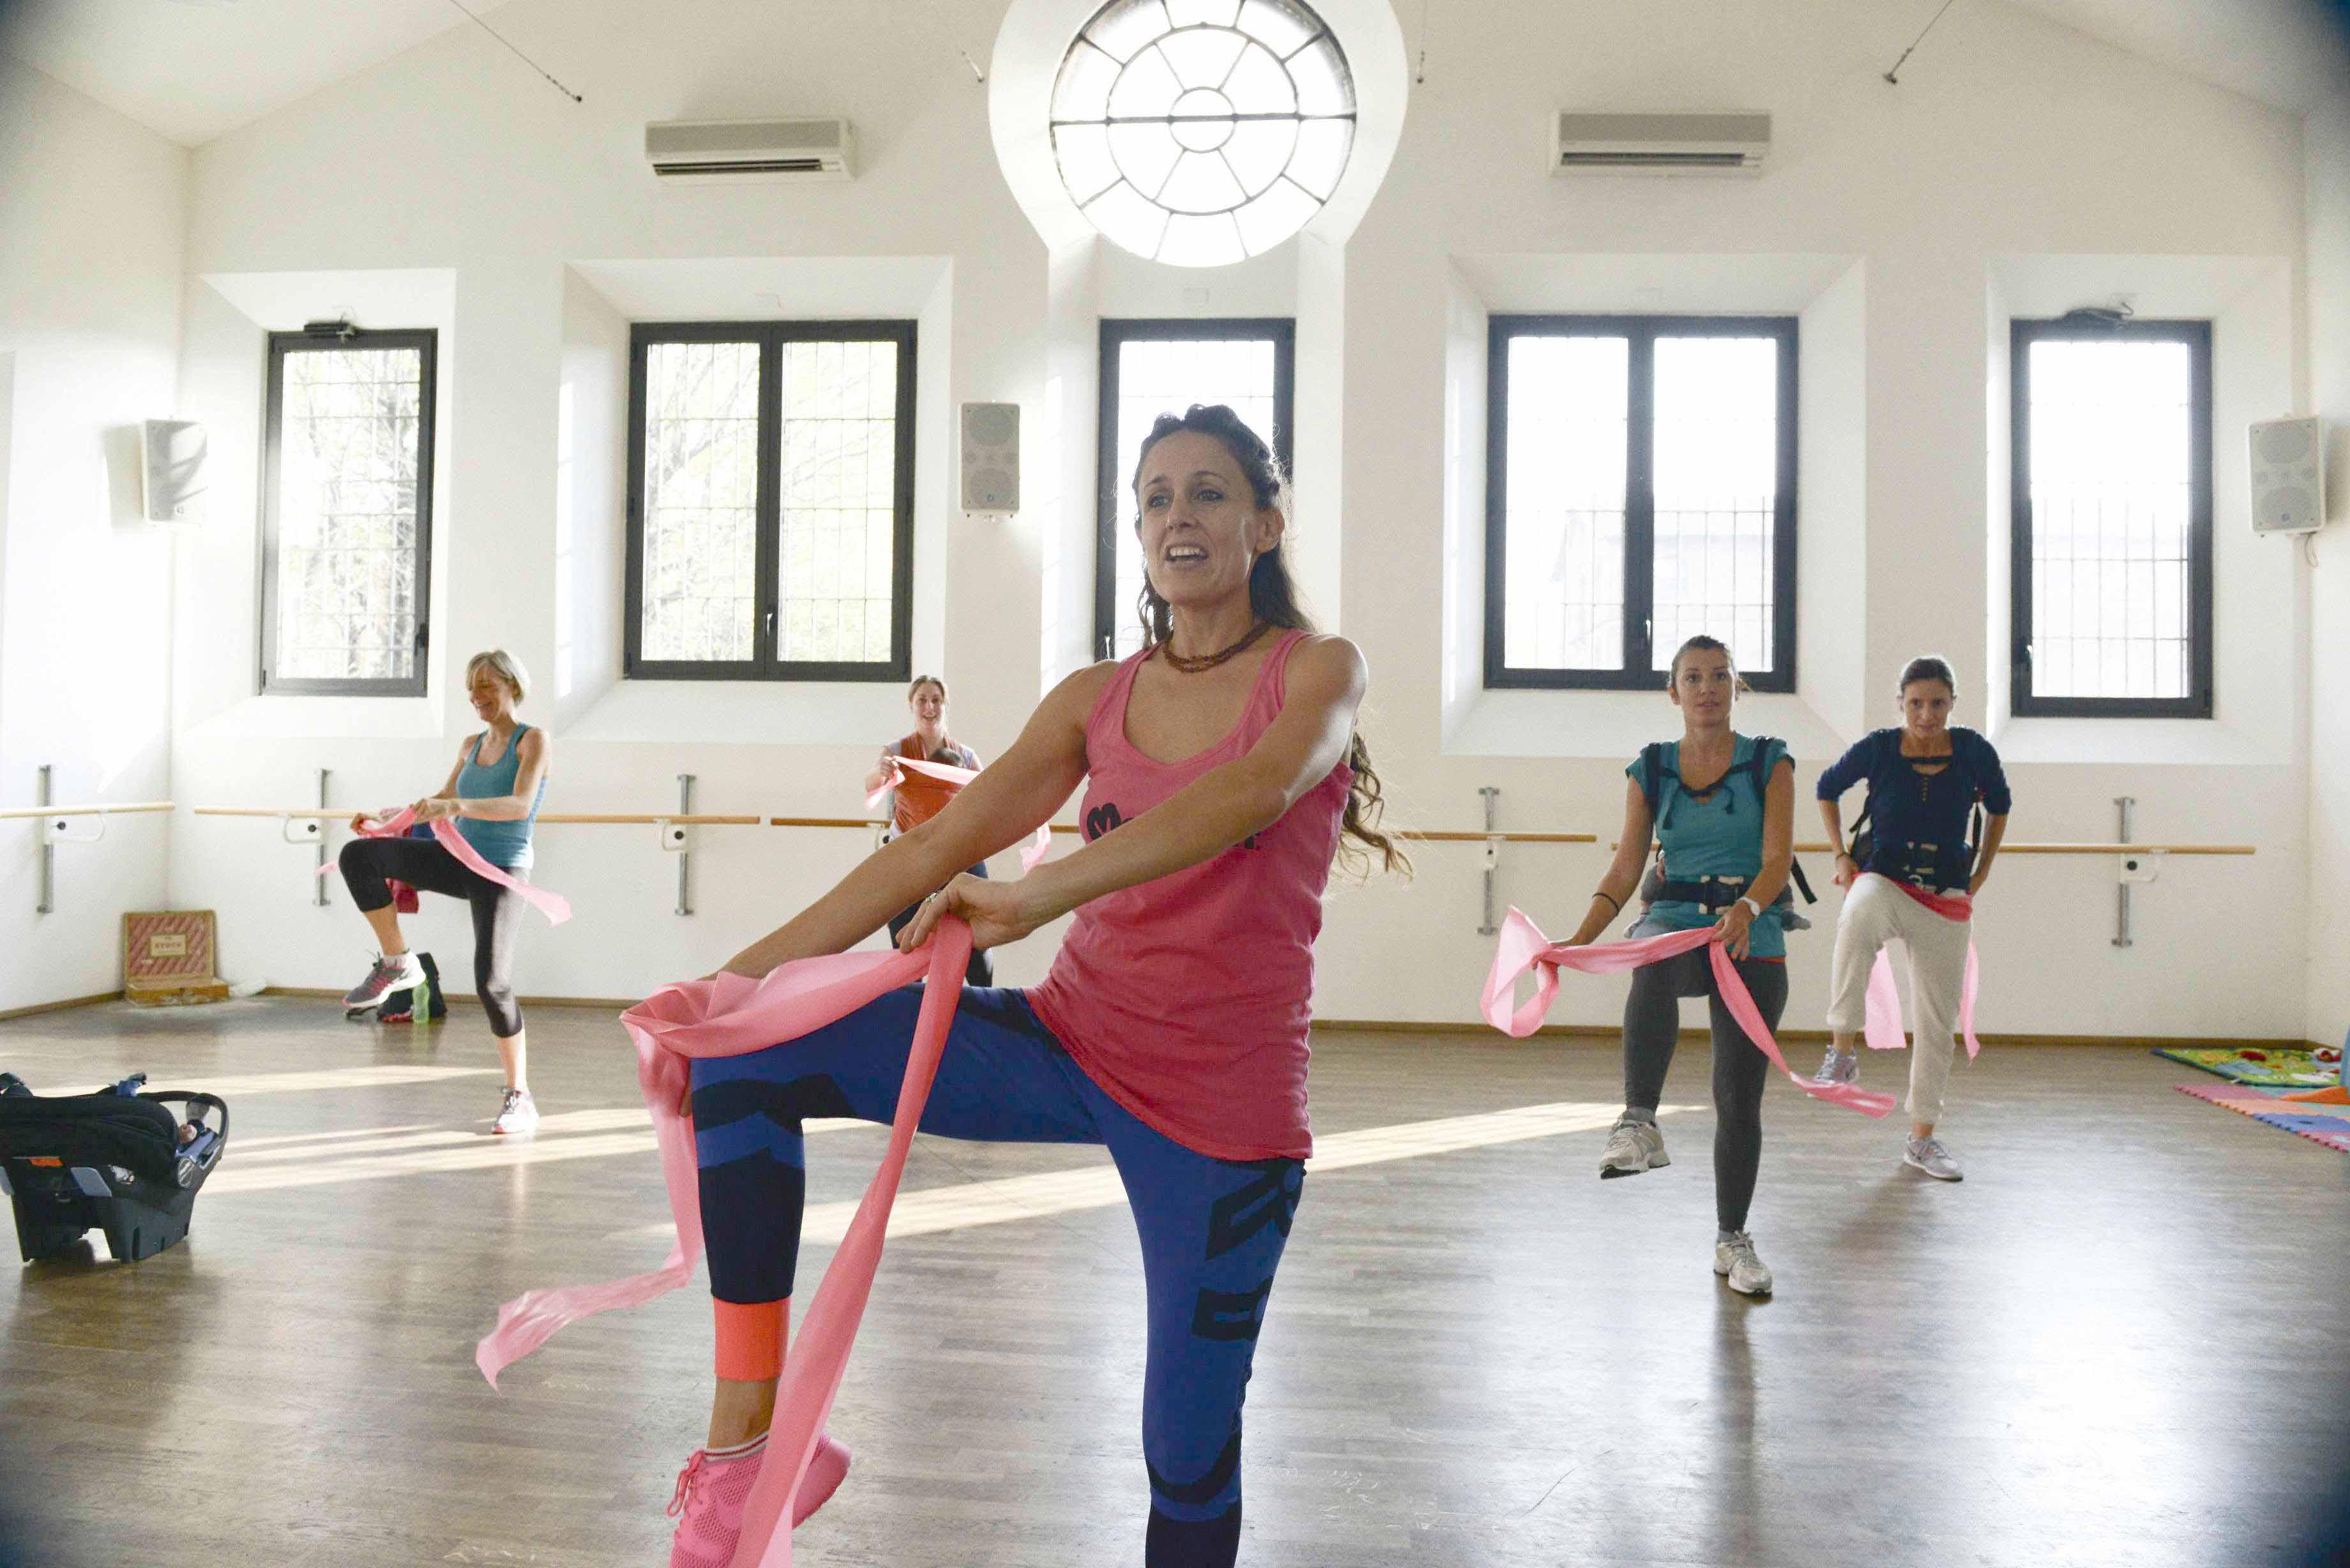 MammaFit fitness Bologna Nicoletta Valdisteno Fotografa